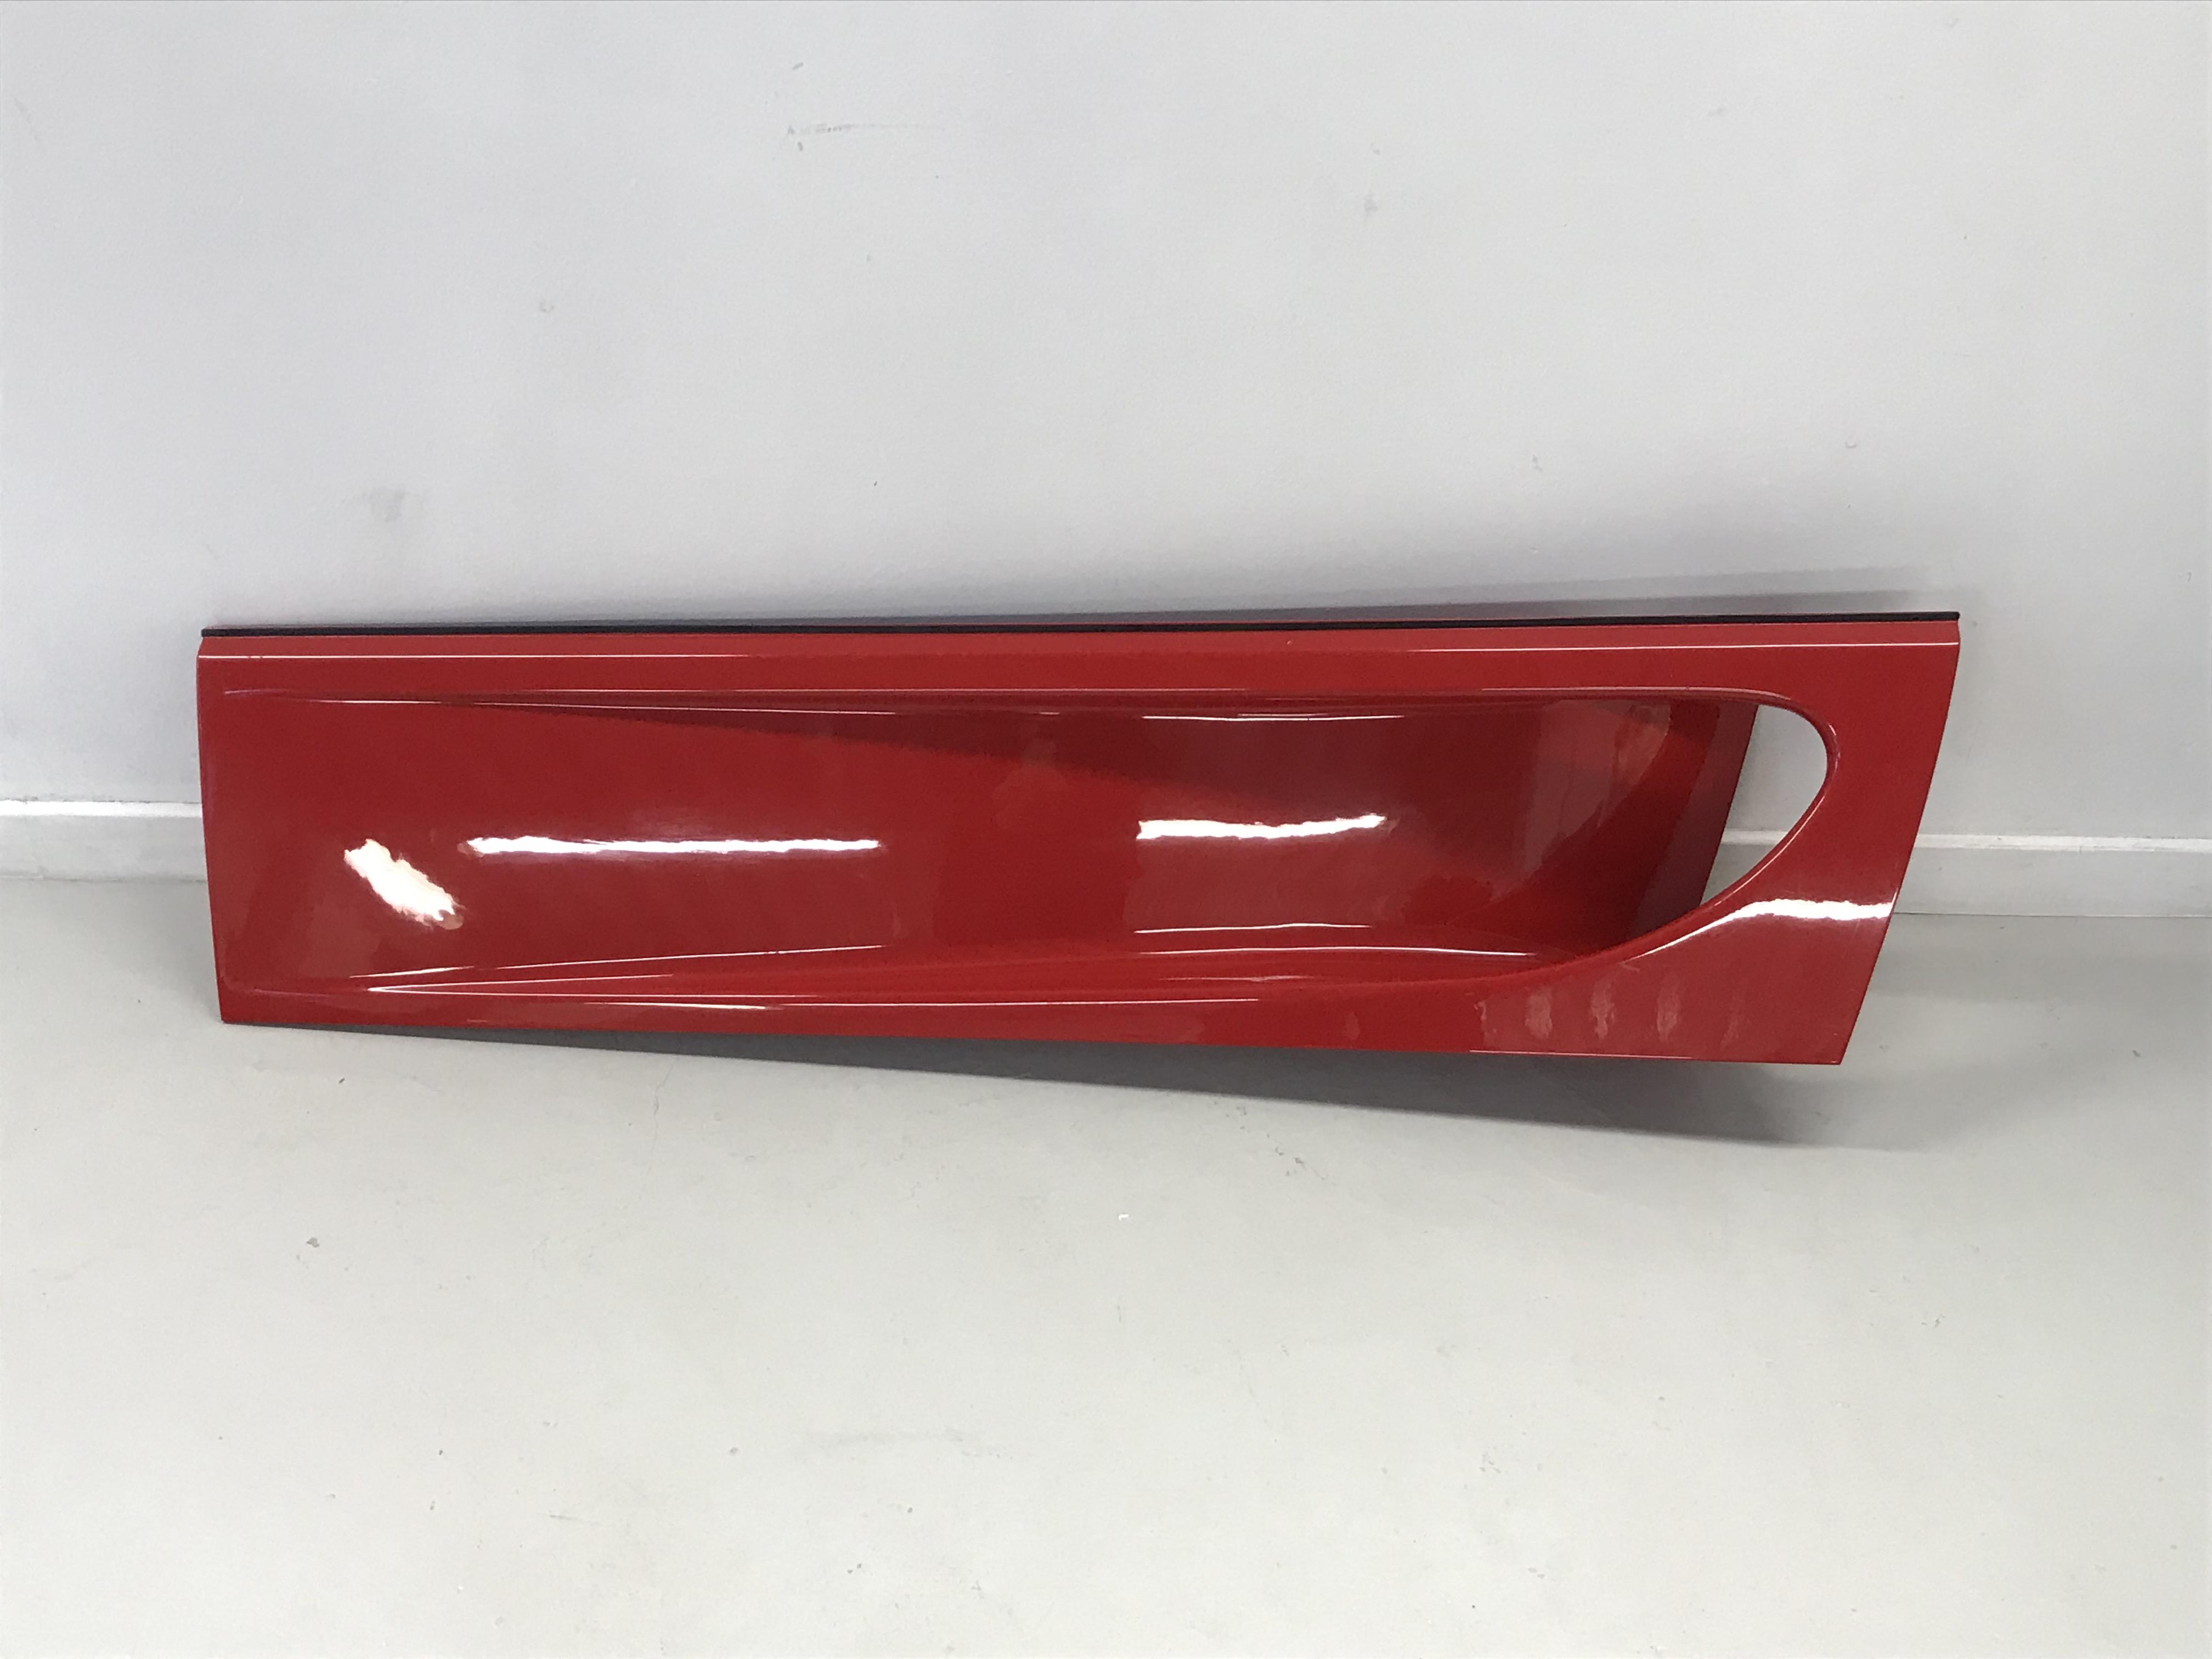 Ferrari 355 L.Hdoor air intake grille